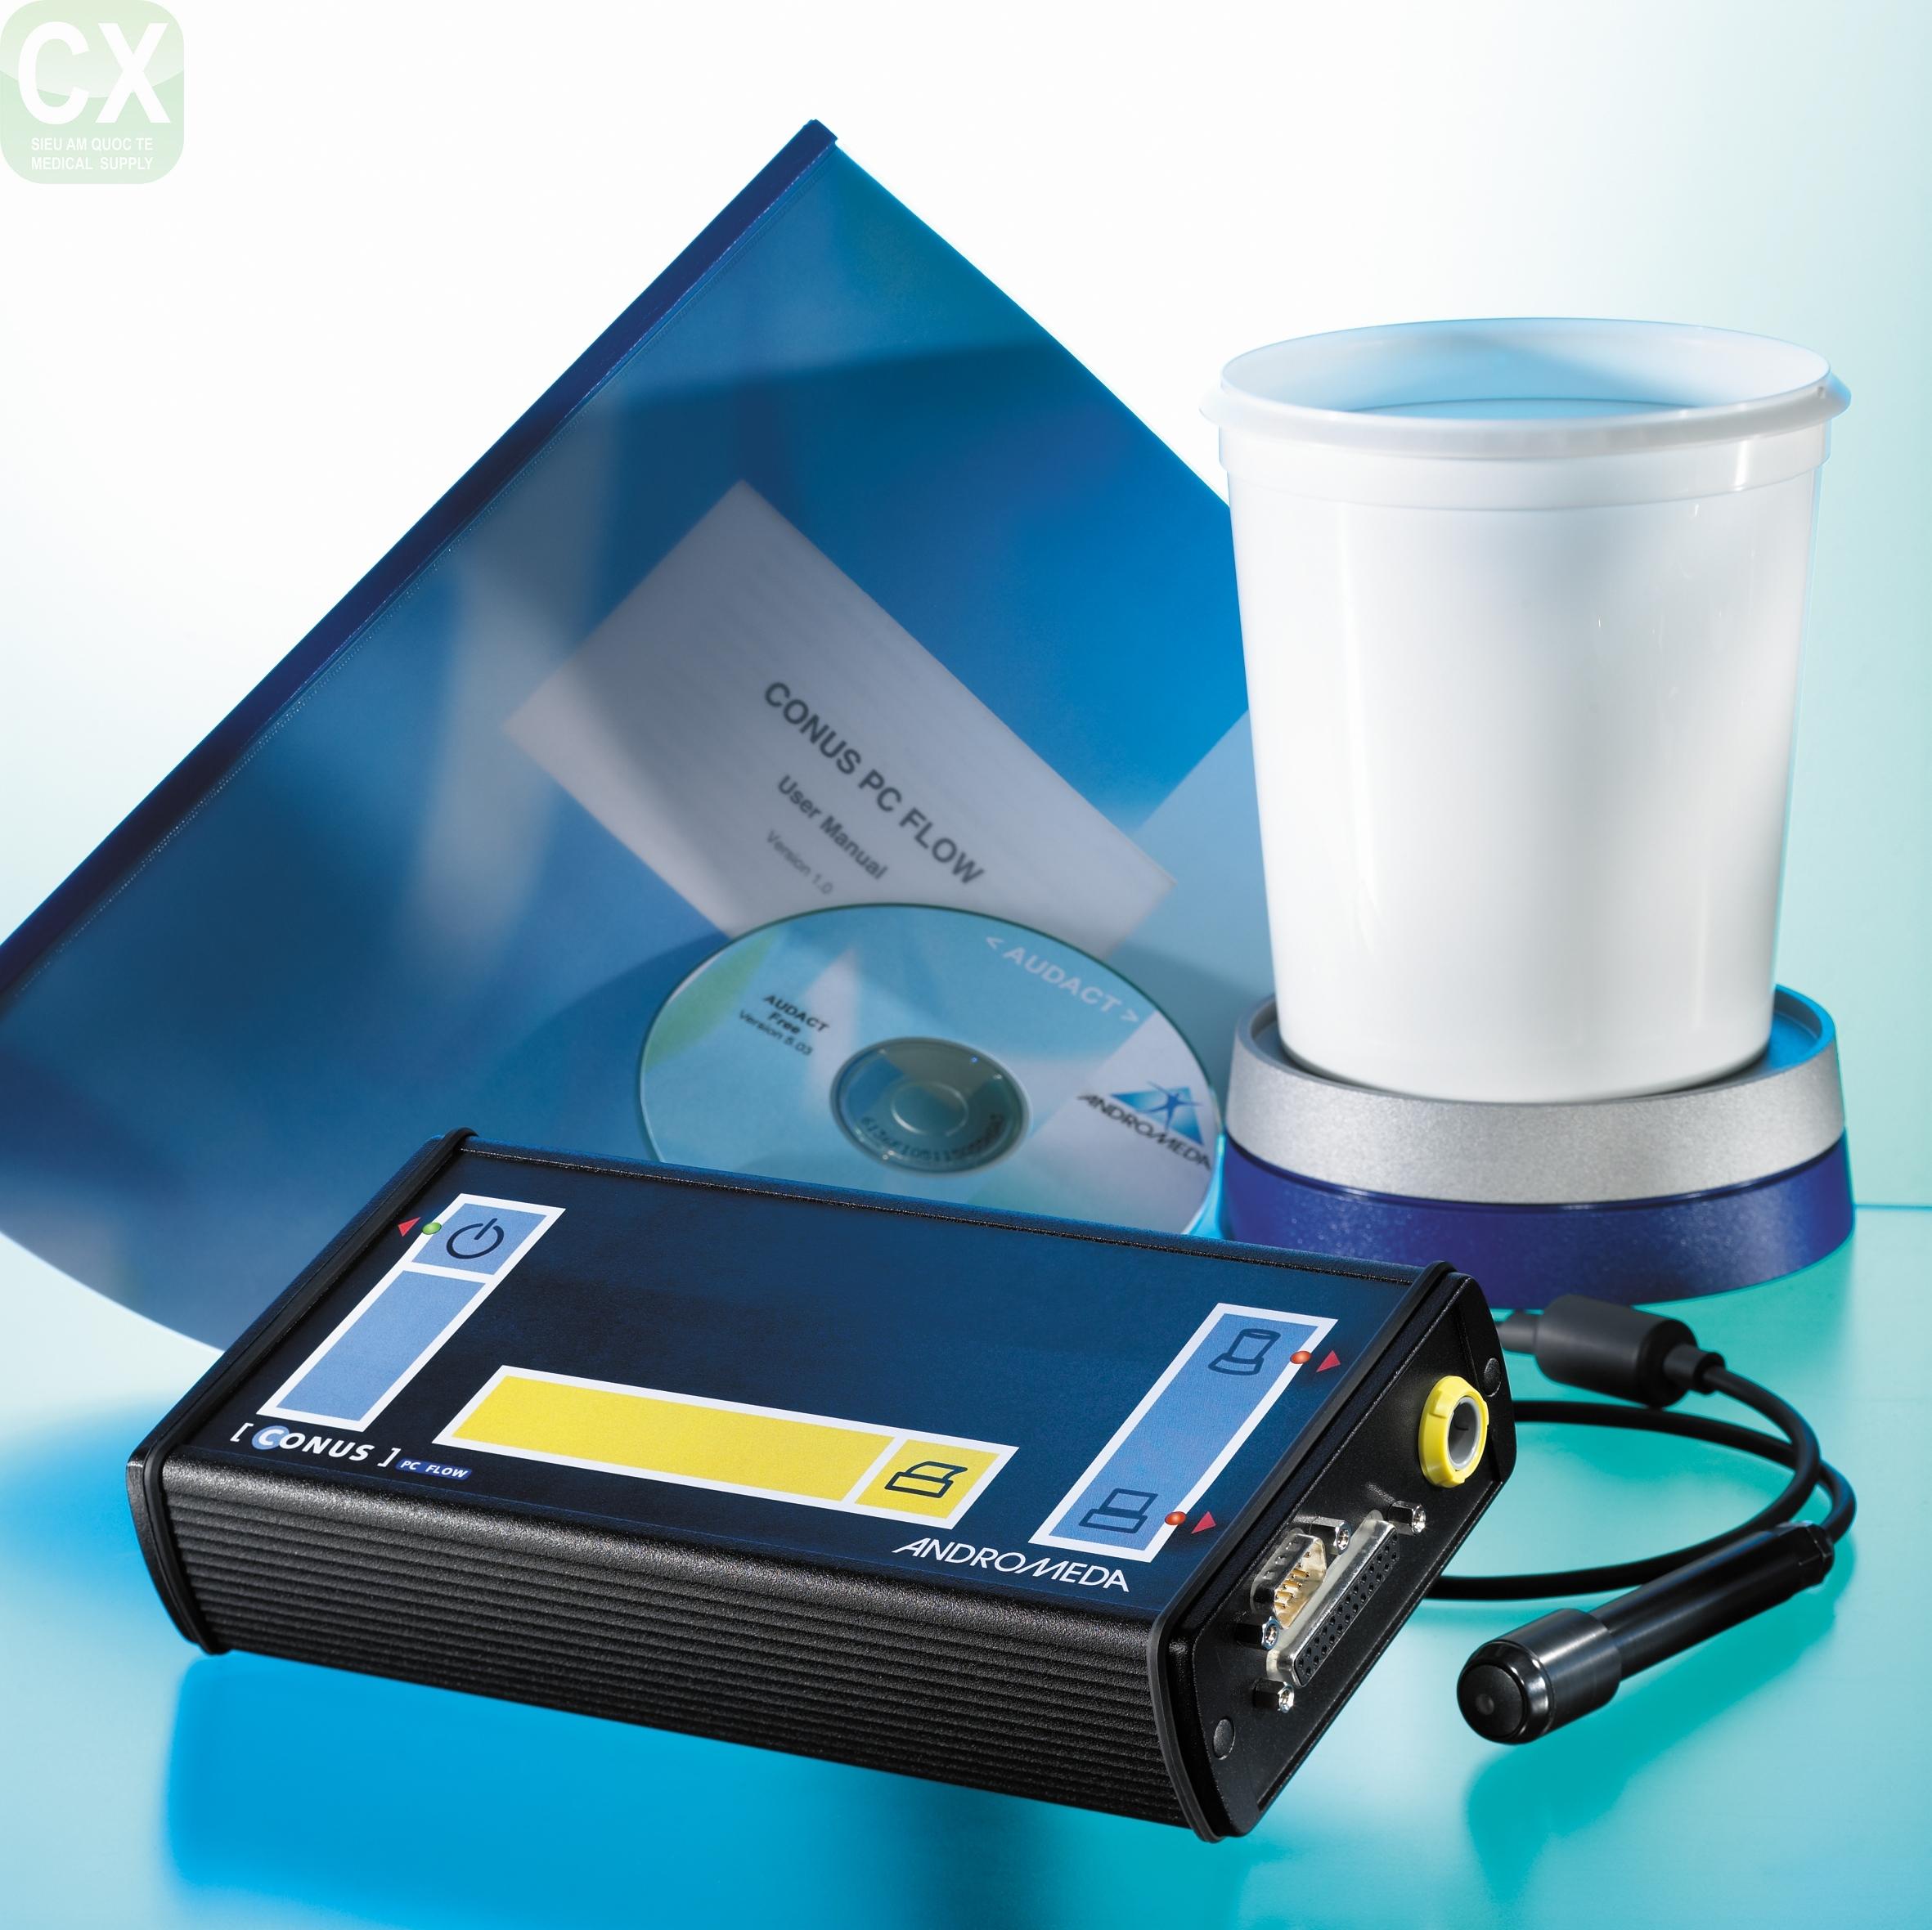 Máy đo niệu động học; niệu động học; niệu dòng đồ; áp lực bàng quang; áp lực ổ bụng; điện cơ đồ; áp lực đồ bàng quang; co thắt của bàng quang; dòng rò; Áp lực rỉ nước tiểu ( Leak Point Pressure ); Áp ực rỉ nước tiểu cơ Détrusor ( DLPP); Áp lực Valsava (VLPP); áp lực bọng đái; uroflowmetry; độ dãn nở bọng đái (compliance); tăng phản xạ cơ chóp (detrusor hyperreflexia); bất ổn định cơ chóp (detrusor instability); bất phản xạ cơ chóp (detrusor areflexia); không co bóp cơ chóp (detrusor acontractile); phép đo áp lực niệu đạo (urethral profilometry); áp lực đỉnh của niệu đạo (maximal urethral pressure); chiều dài chức năng của niệu đạo (functional urethra length); P ves; Pabd; Pura; Pdet; Pclo; Video Urodynamics;tiểu không kiểm soát; Andromeda, máy đo niệu động học helix; urinary incontinence